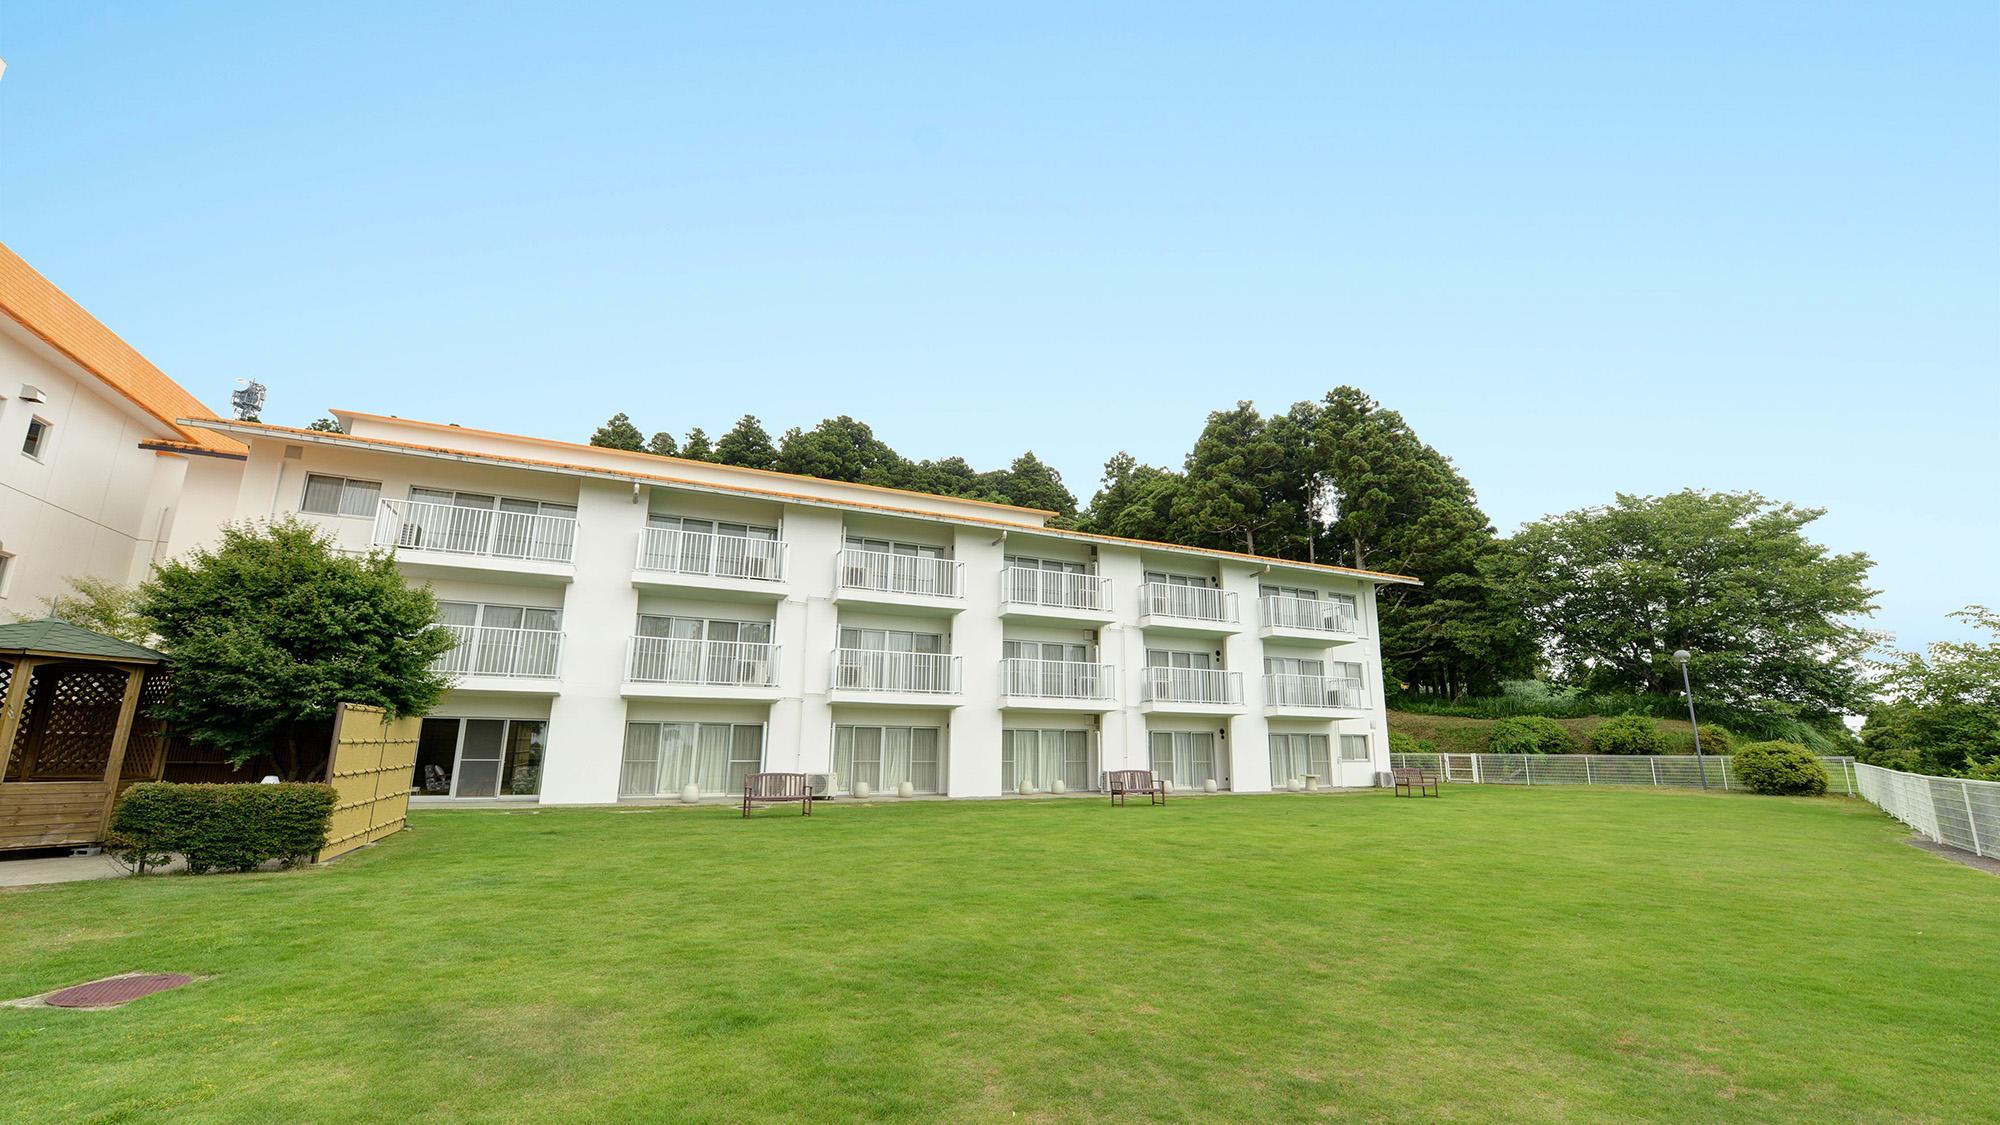 かずさリゾート 鹿野山ビューホテルの施設画像